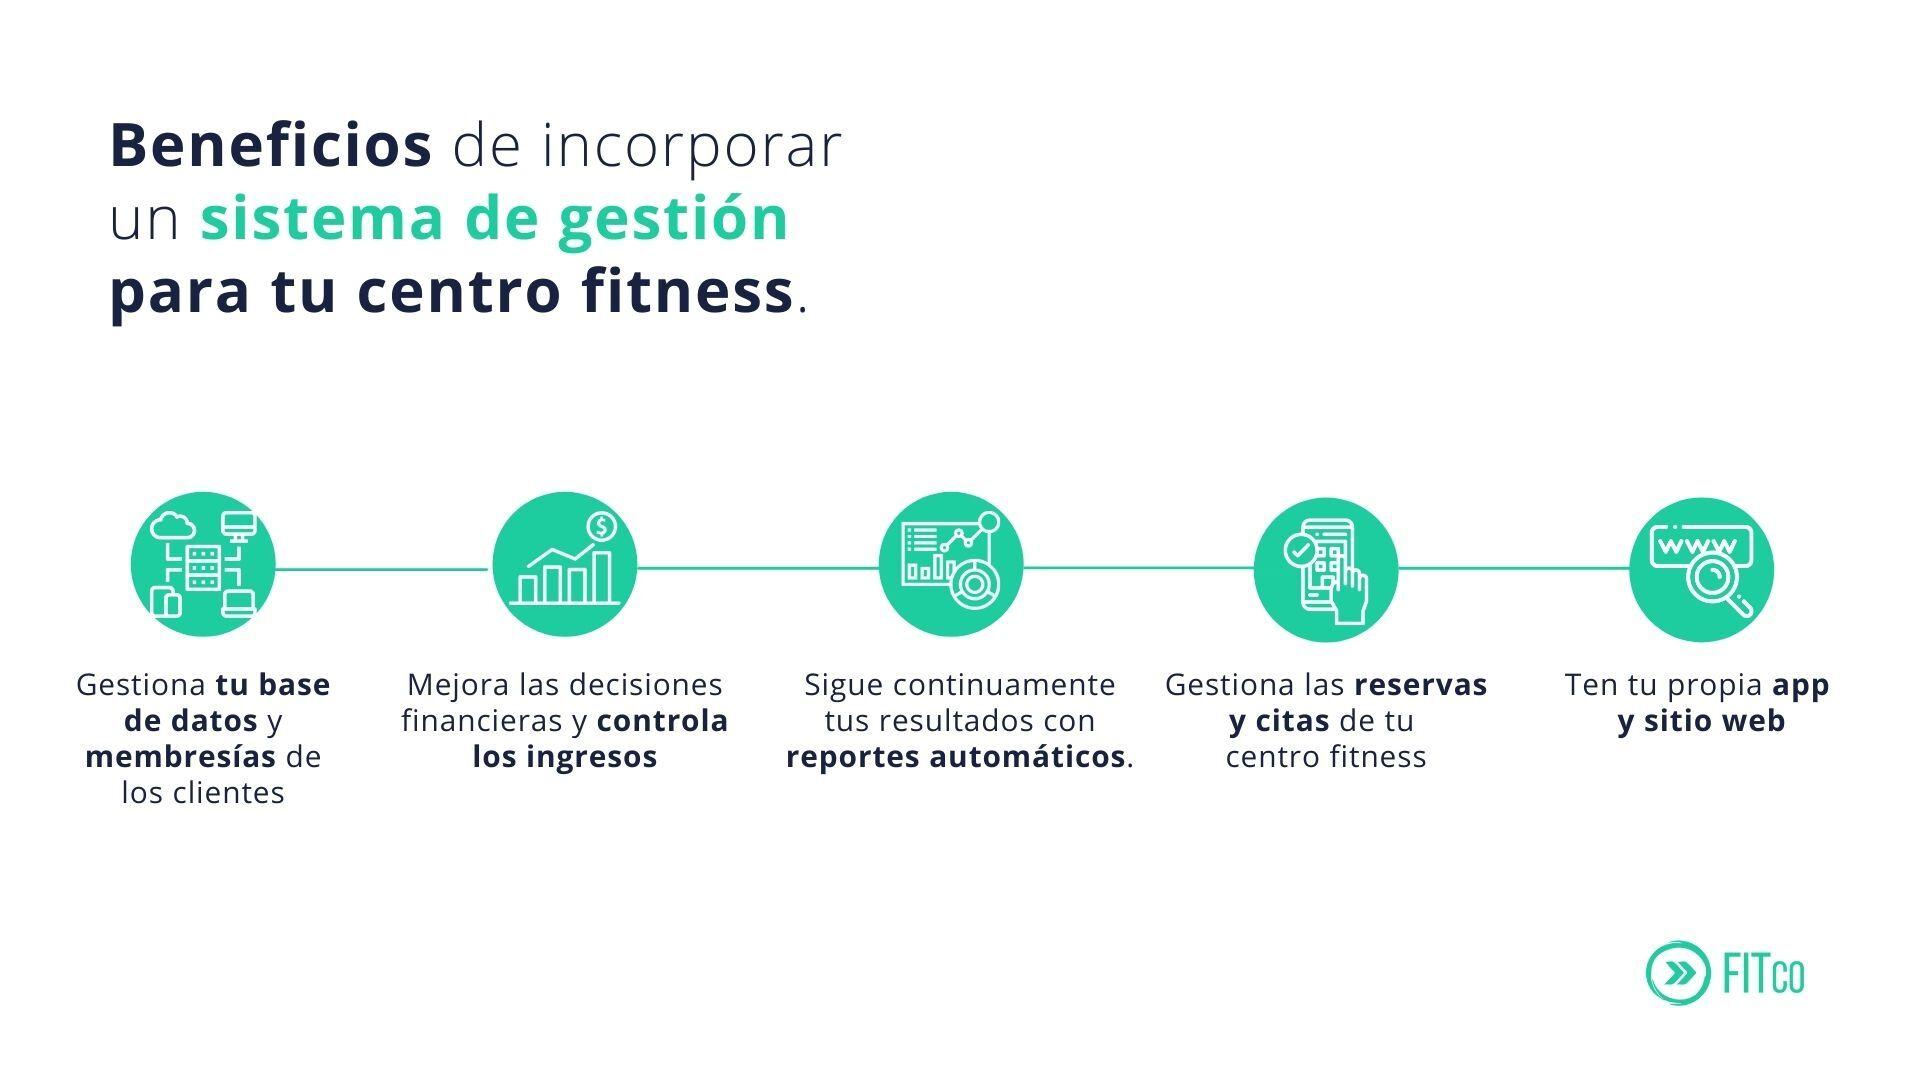 Los 10 beneficios de usar Fitco en tu negocio fitness